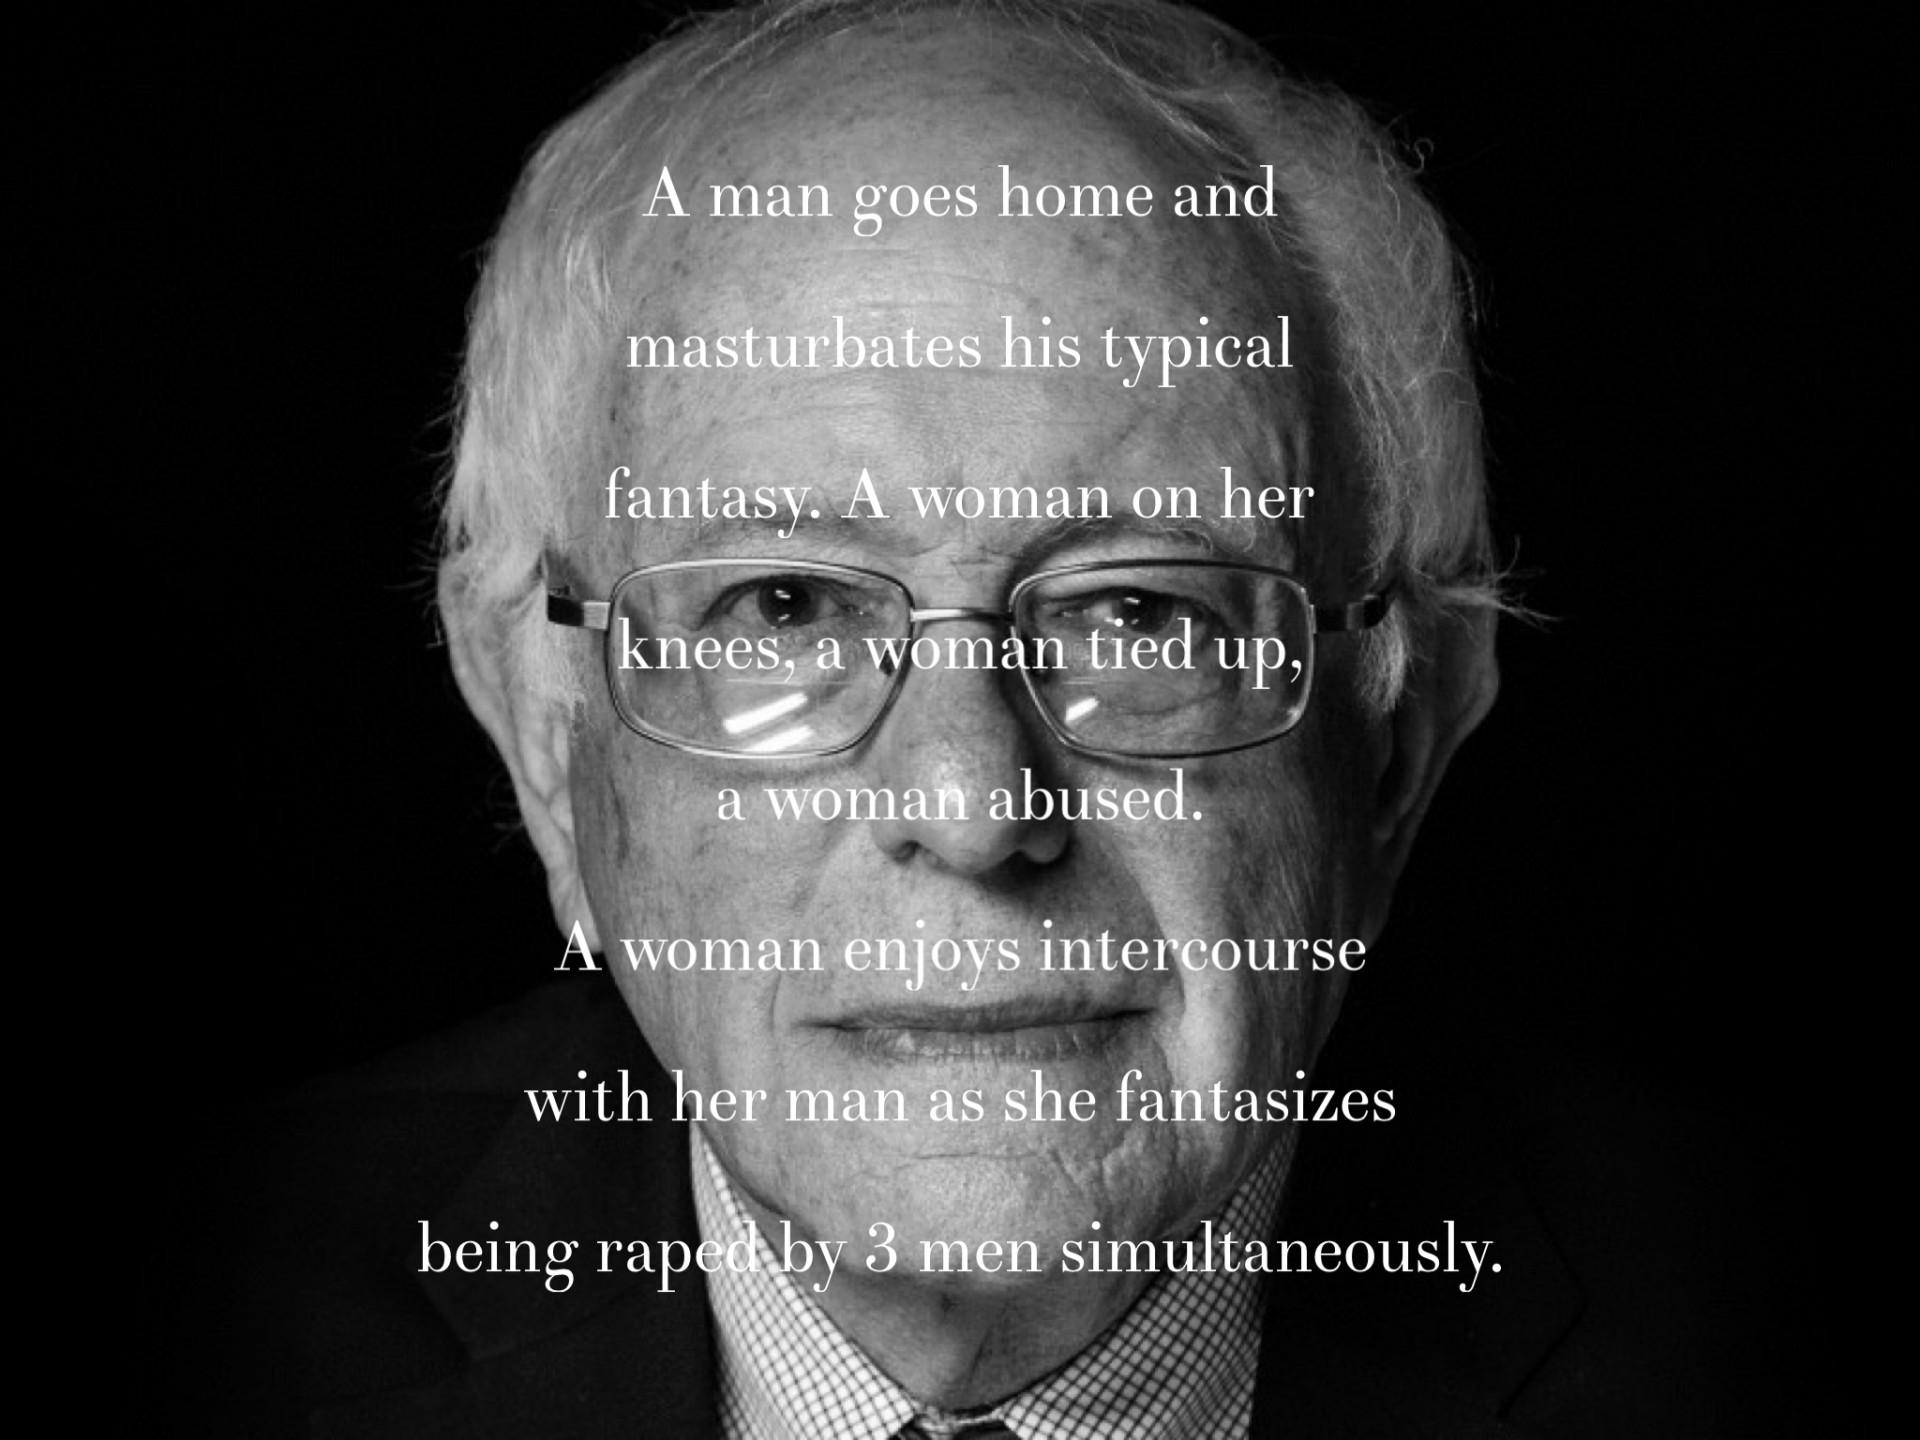 020 Vtbw2nywsfk11 Essay Example Bernie Sanders Phenomenal Rape 1920